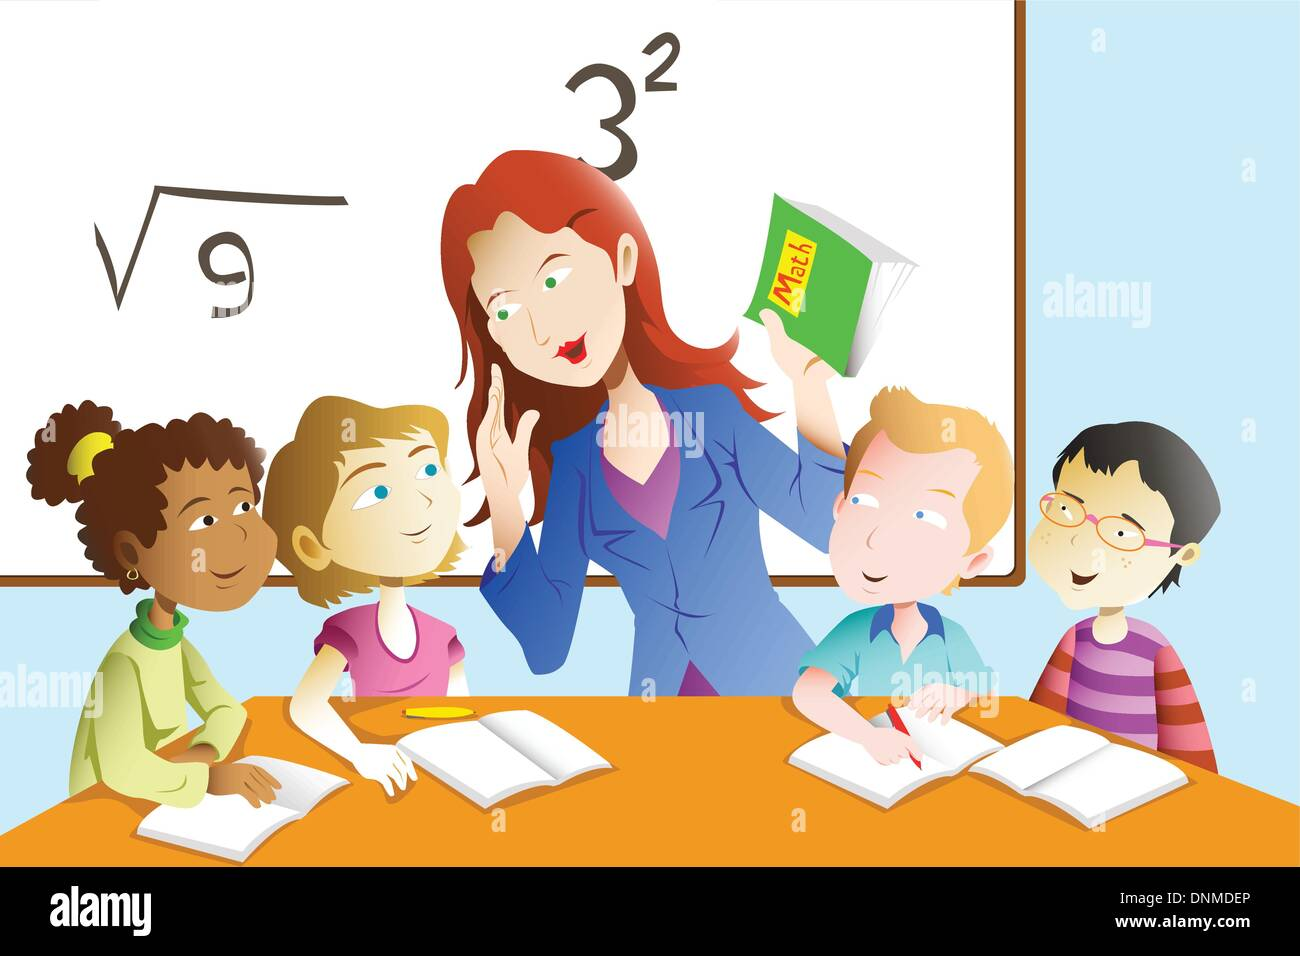 Una illustrazione vettoriale di ragazzi che studiano matematica in aula con docente Immagini Stock